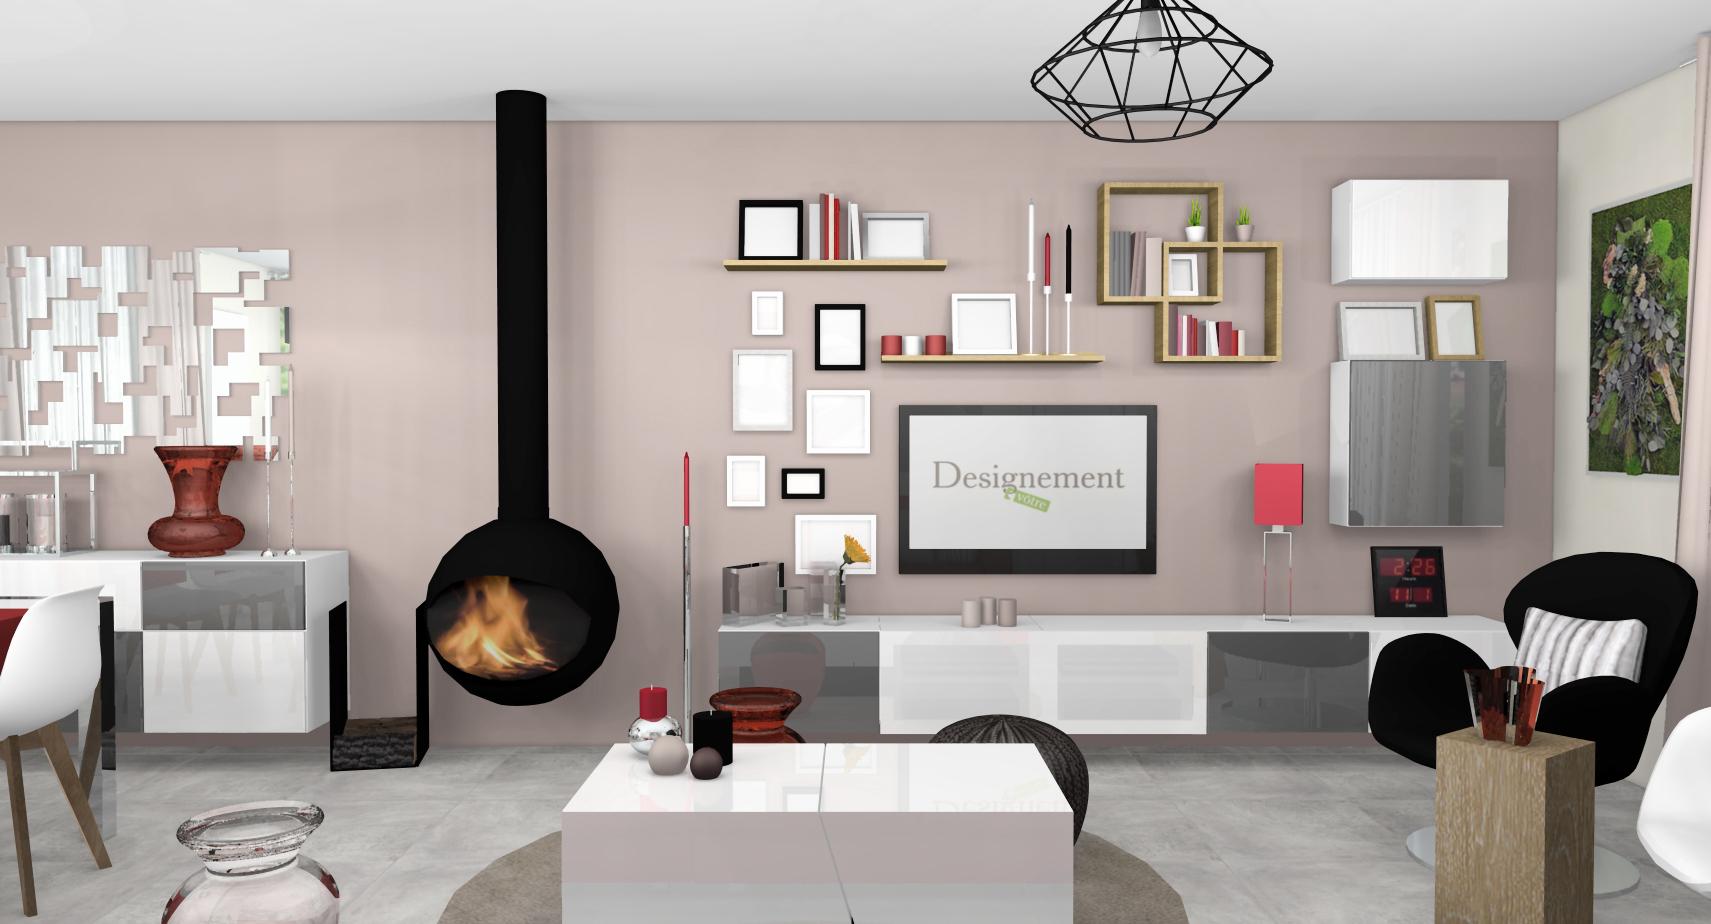 Carrelage Piece De Vie l'asymétrie en décoration d'intérieur - designement vôtre